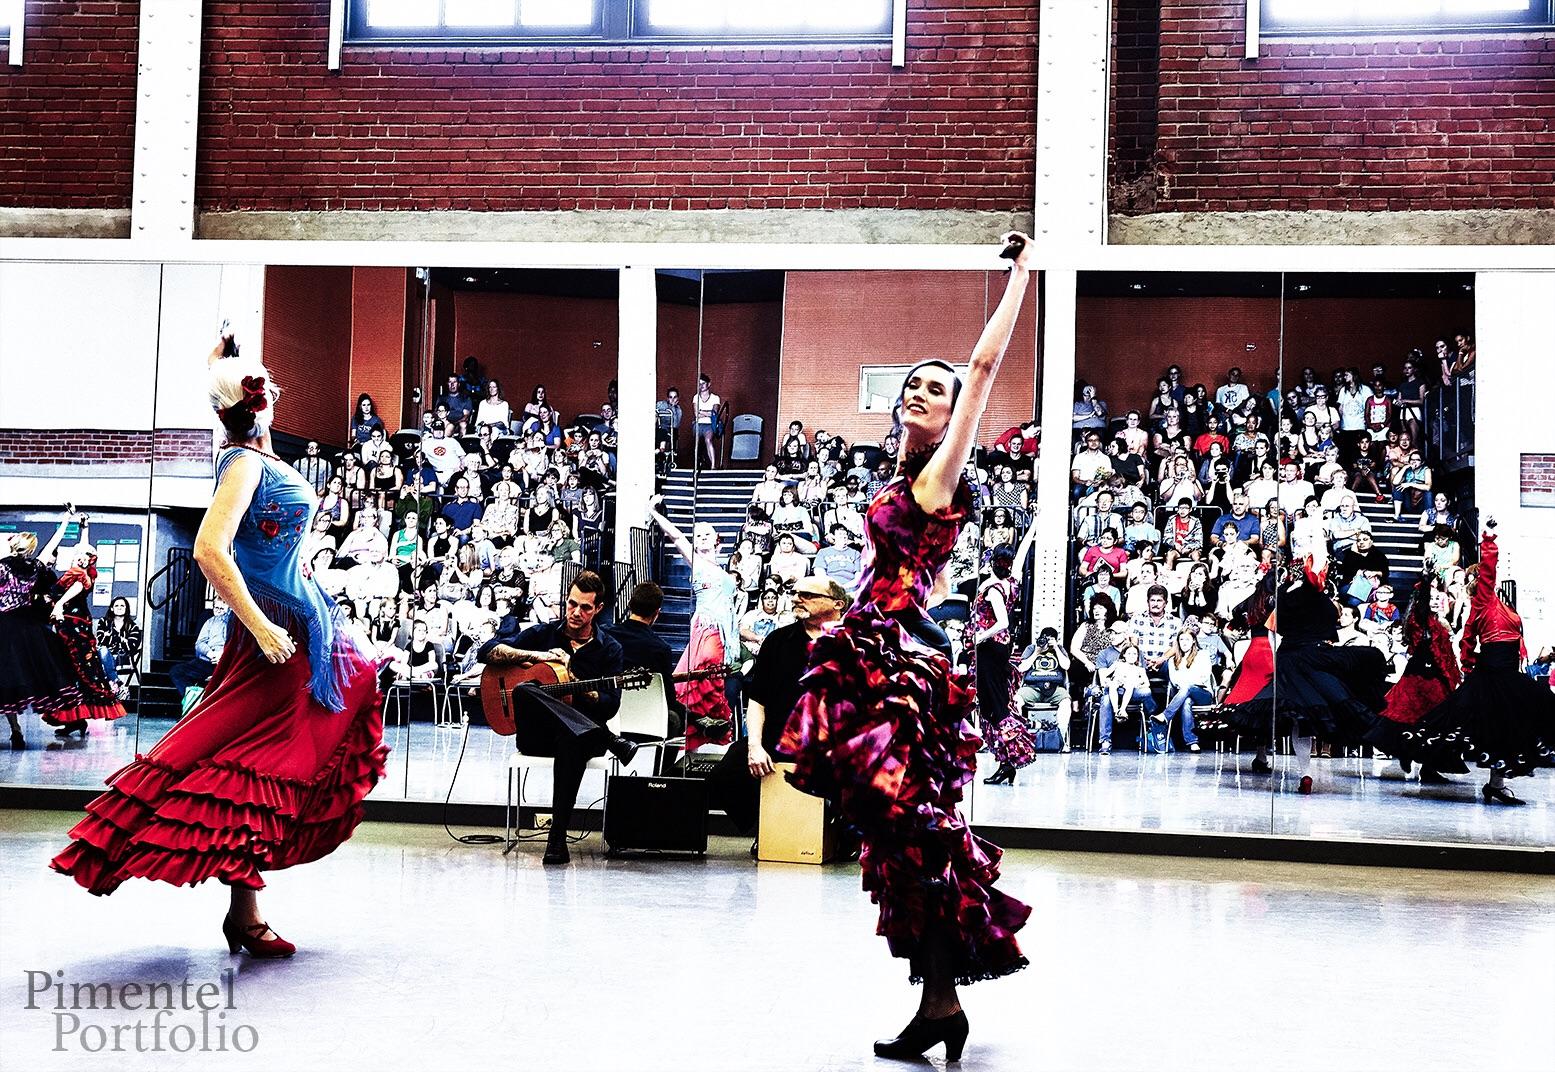 Ole Preformed Flamenco Dance 💃ðŸ�»